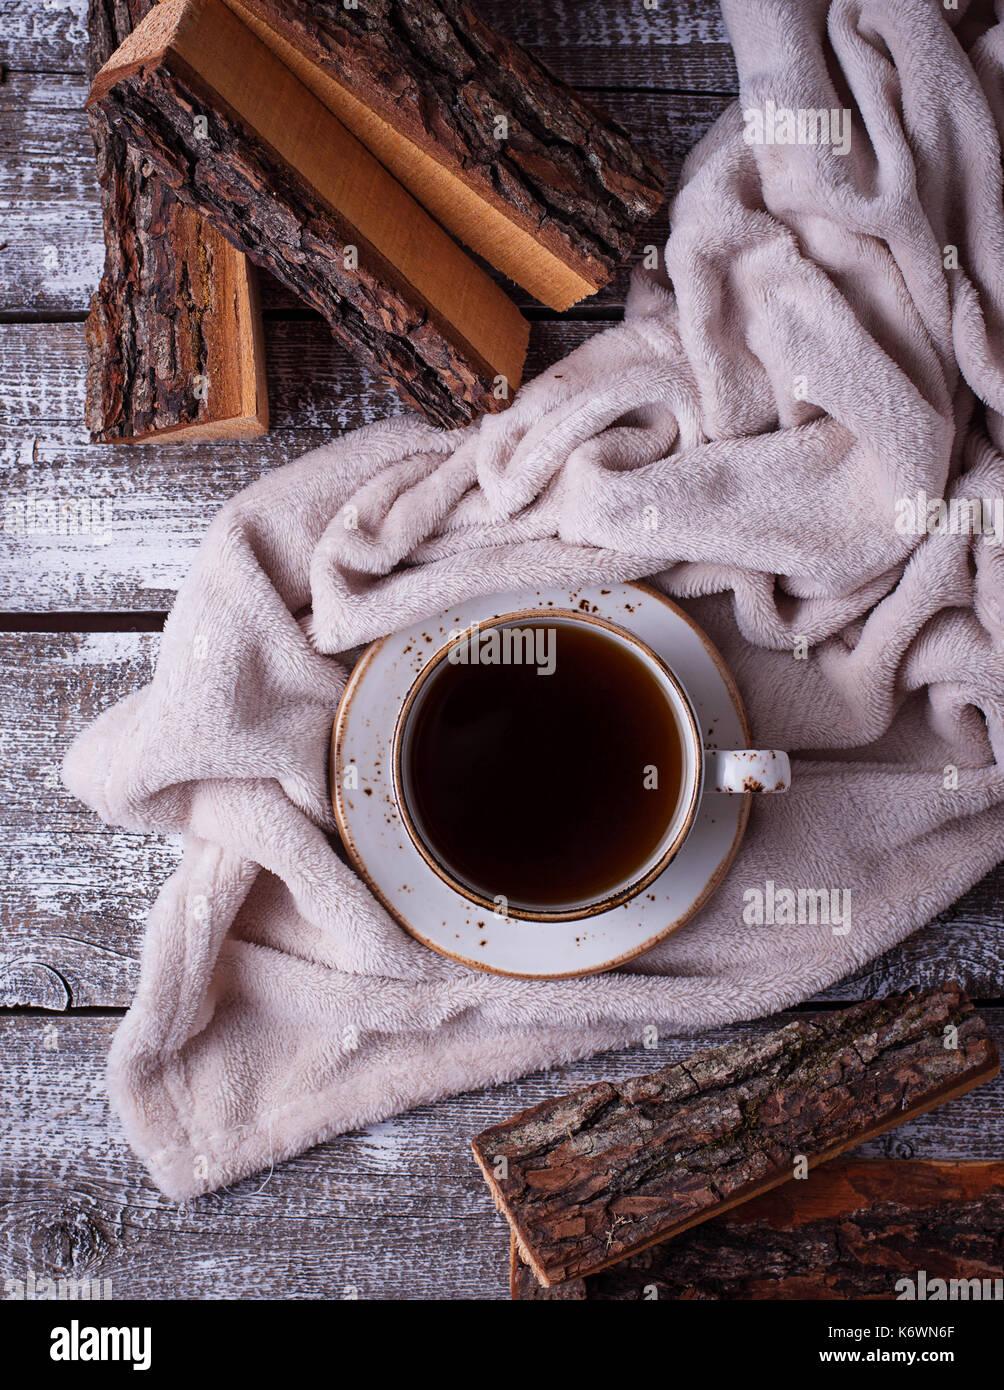 Café y wrap, acogedor interior escandinavo Imagen De Stock